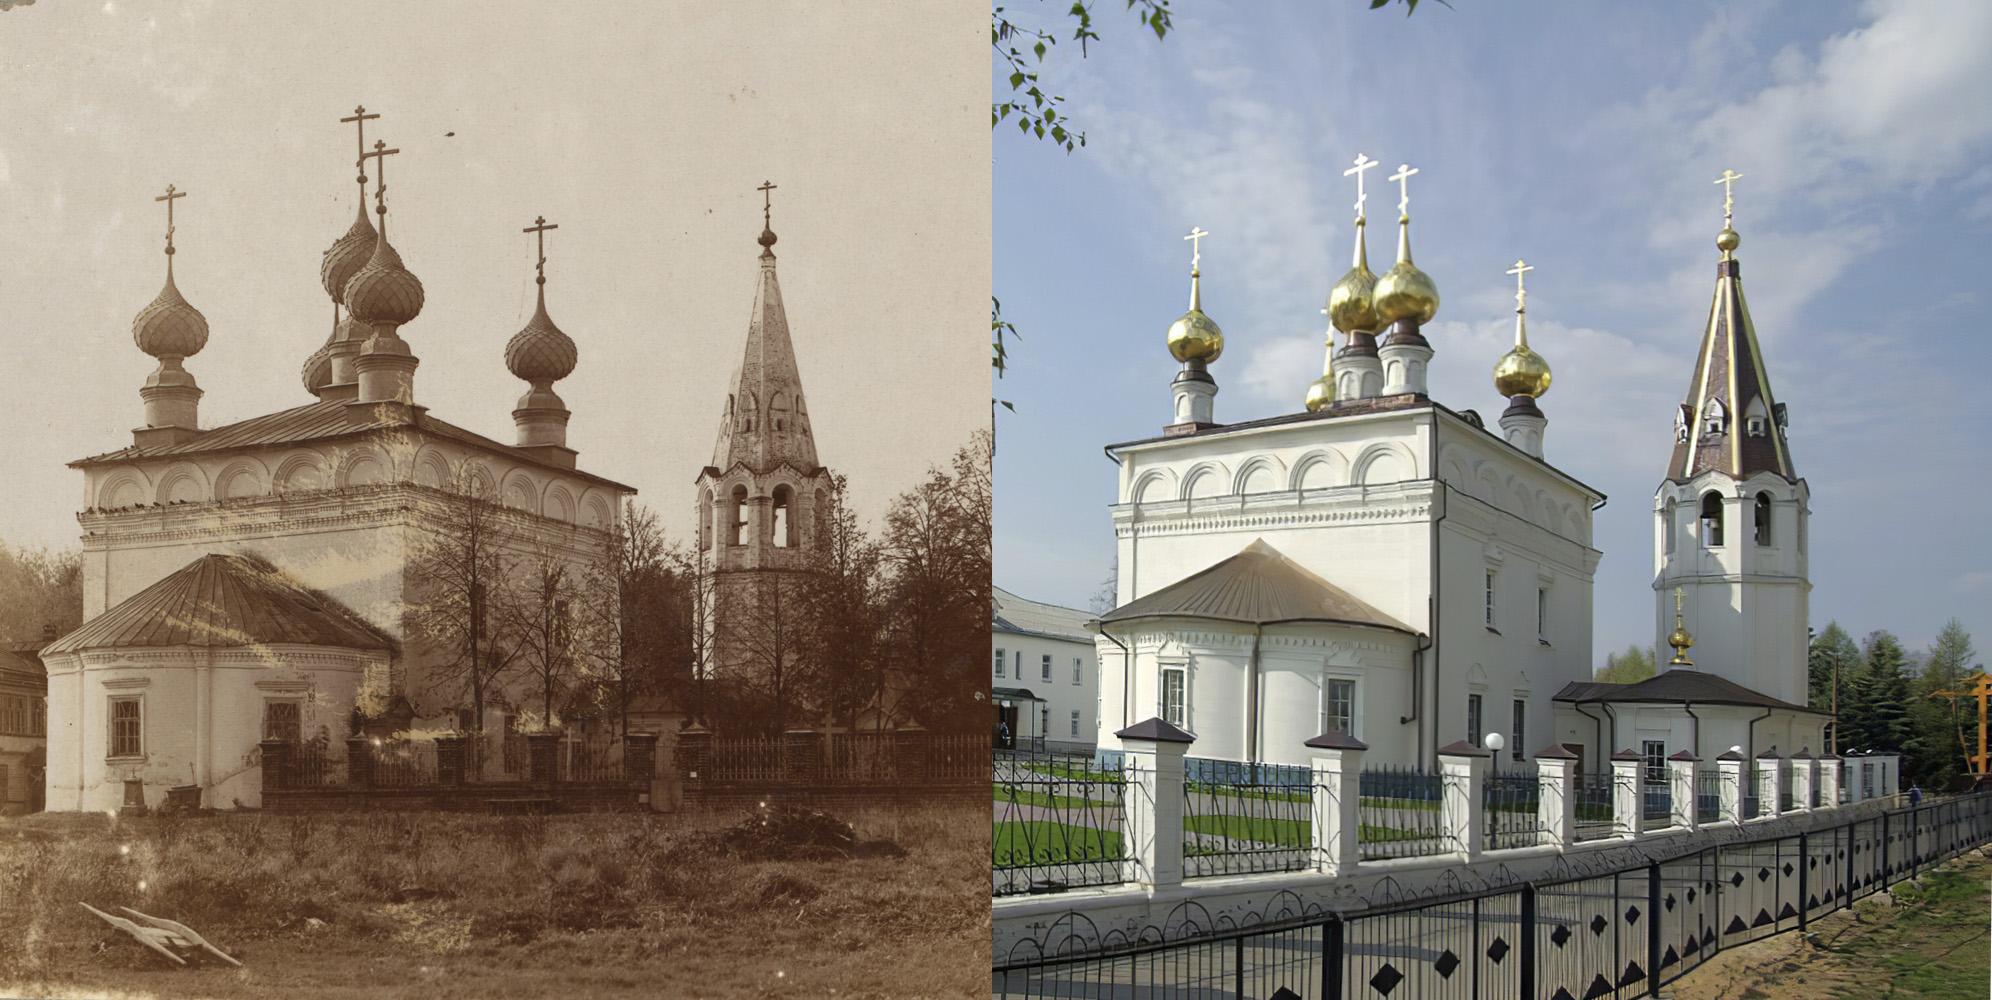 Cобор Федоровской Божьей Матери в Городецком монастыре 1910-2010е